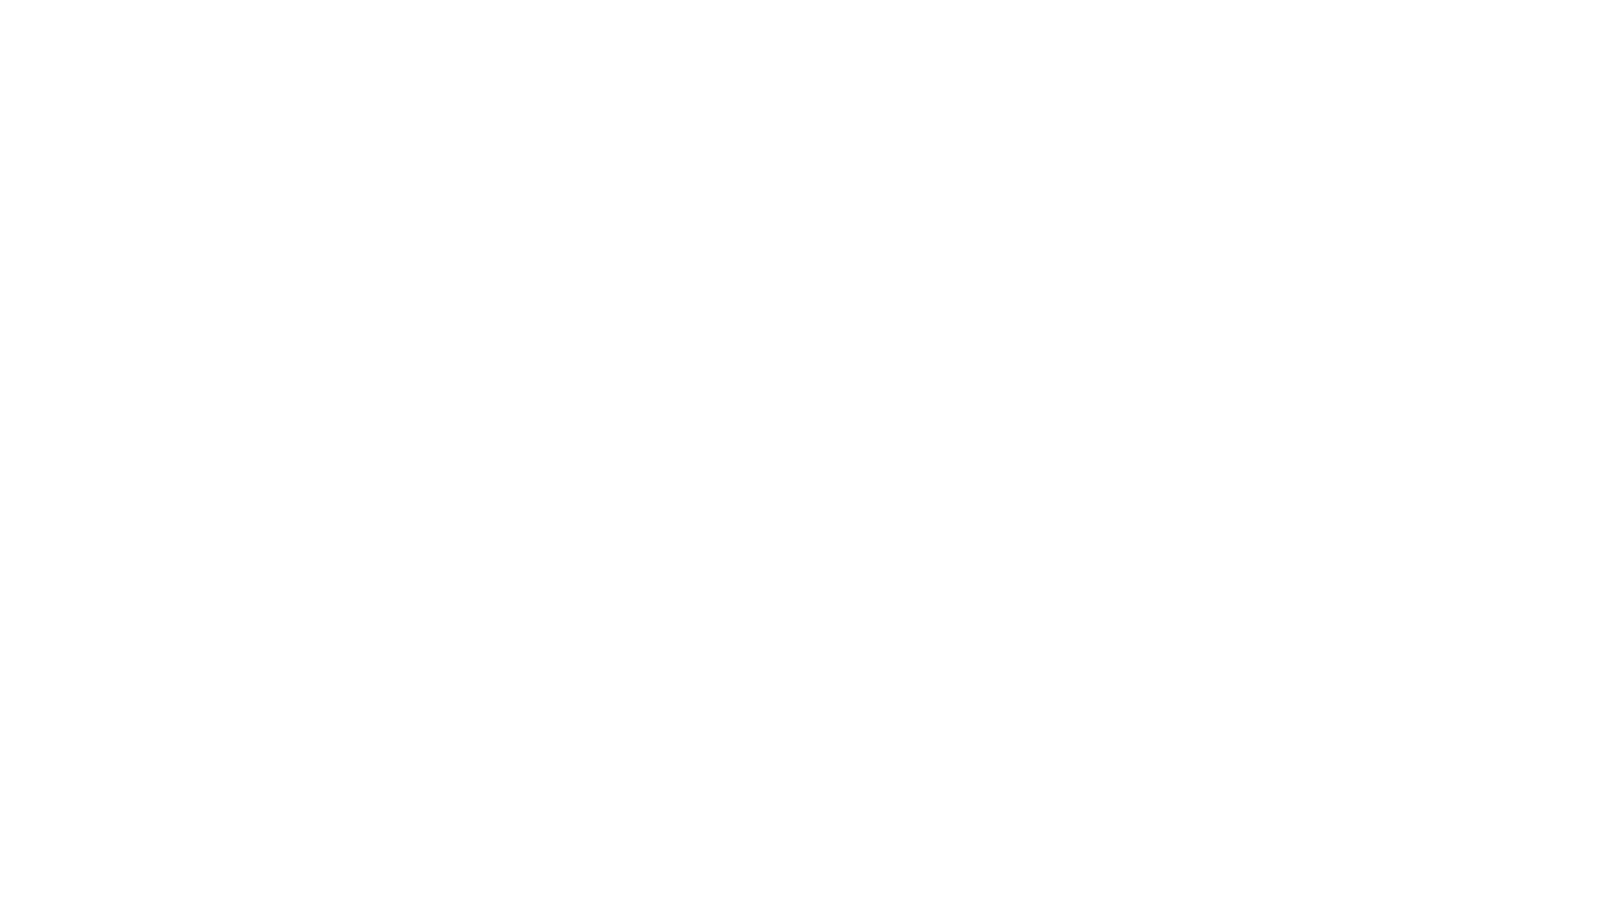 È il più compatto tra i modelli di motorhome proposti dalla Casa transalpina del Gruppo Rapido ma, nonostante questo, offre grandi spazi interni sia nel soggiorno, sia nei servizi: ampio living face to face, cucina ad angolo con grande piano di lavoro e abbondanti possibilità di stivaggio, frigorifero a colonna, bagno di ampie dimensioni con doccia separata e gavone posteriore.